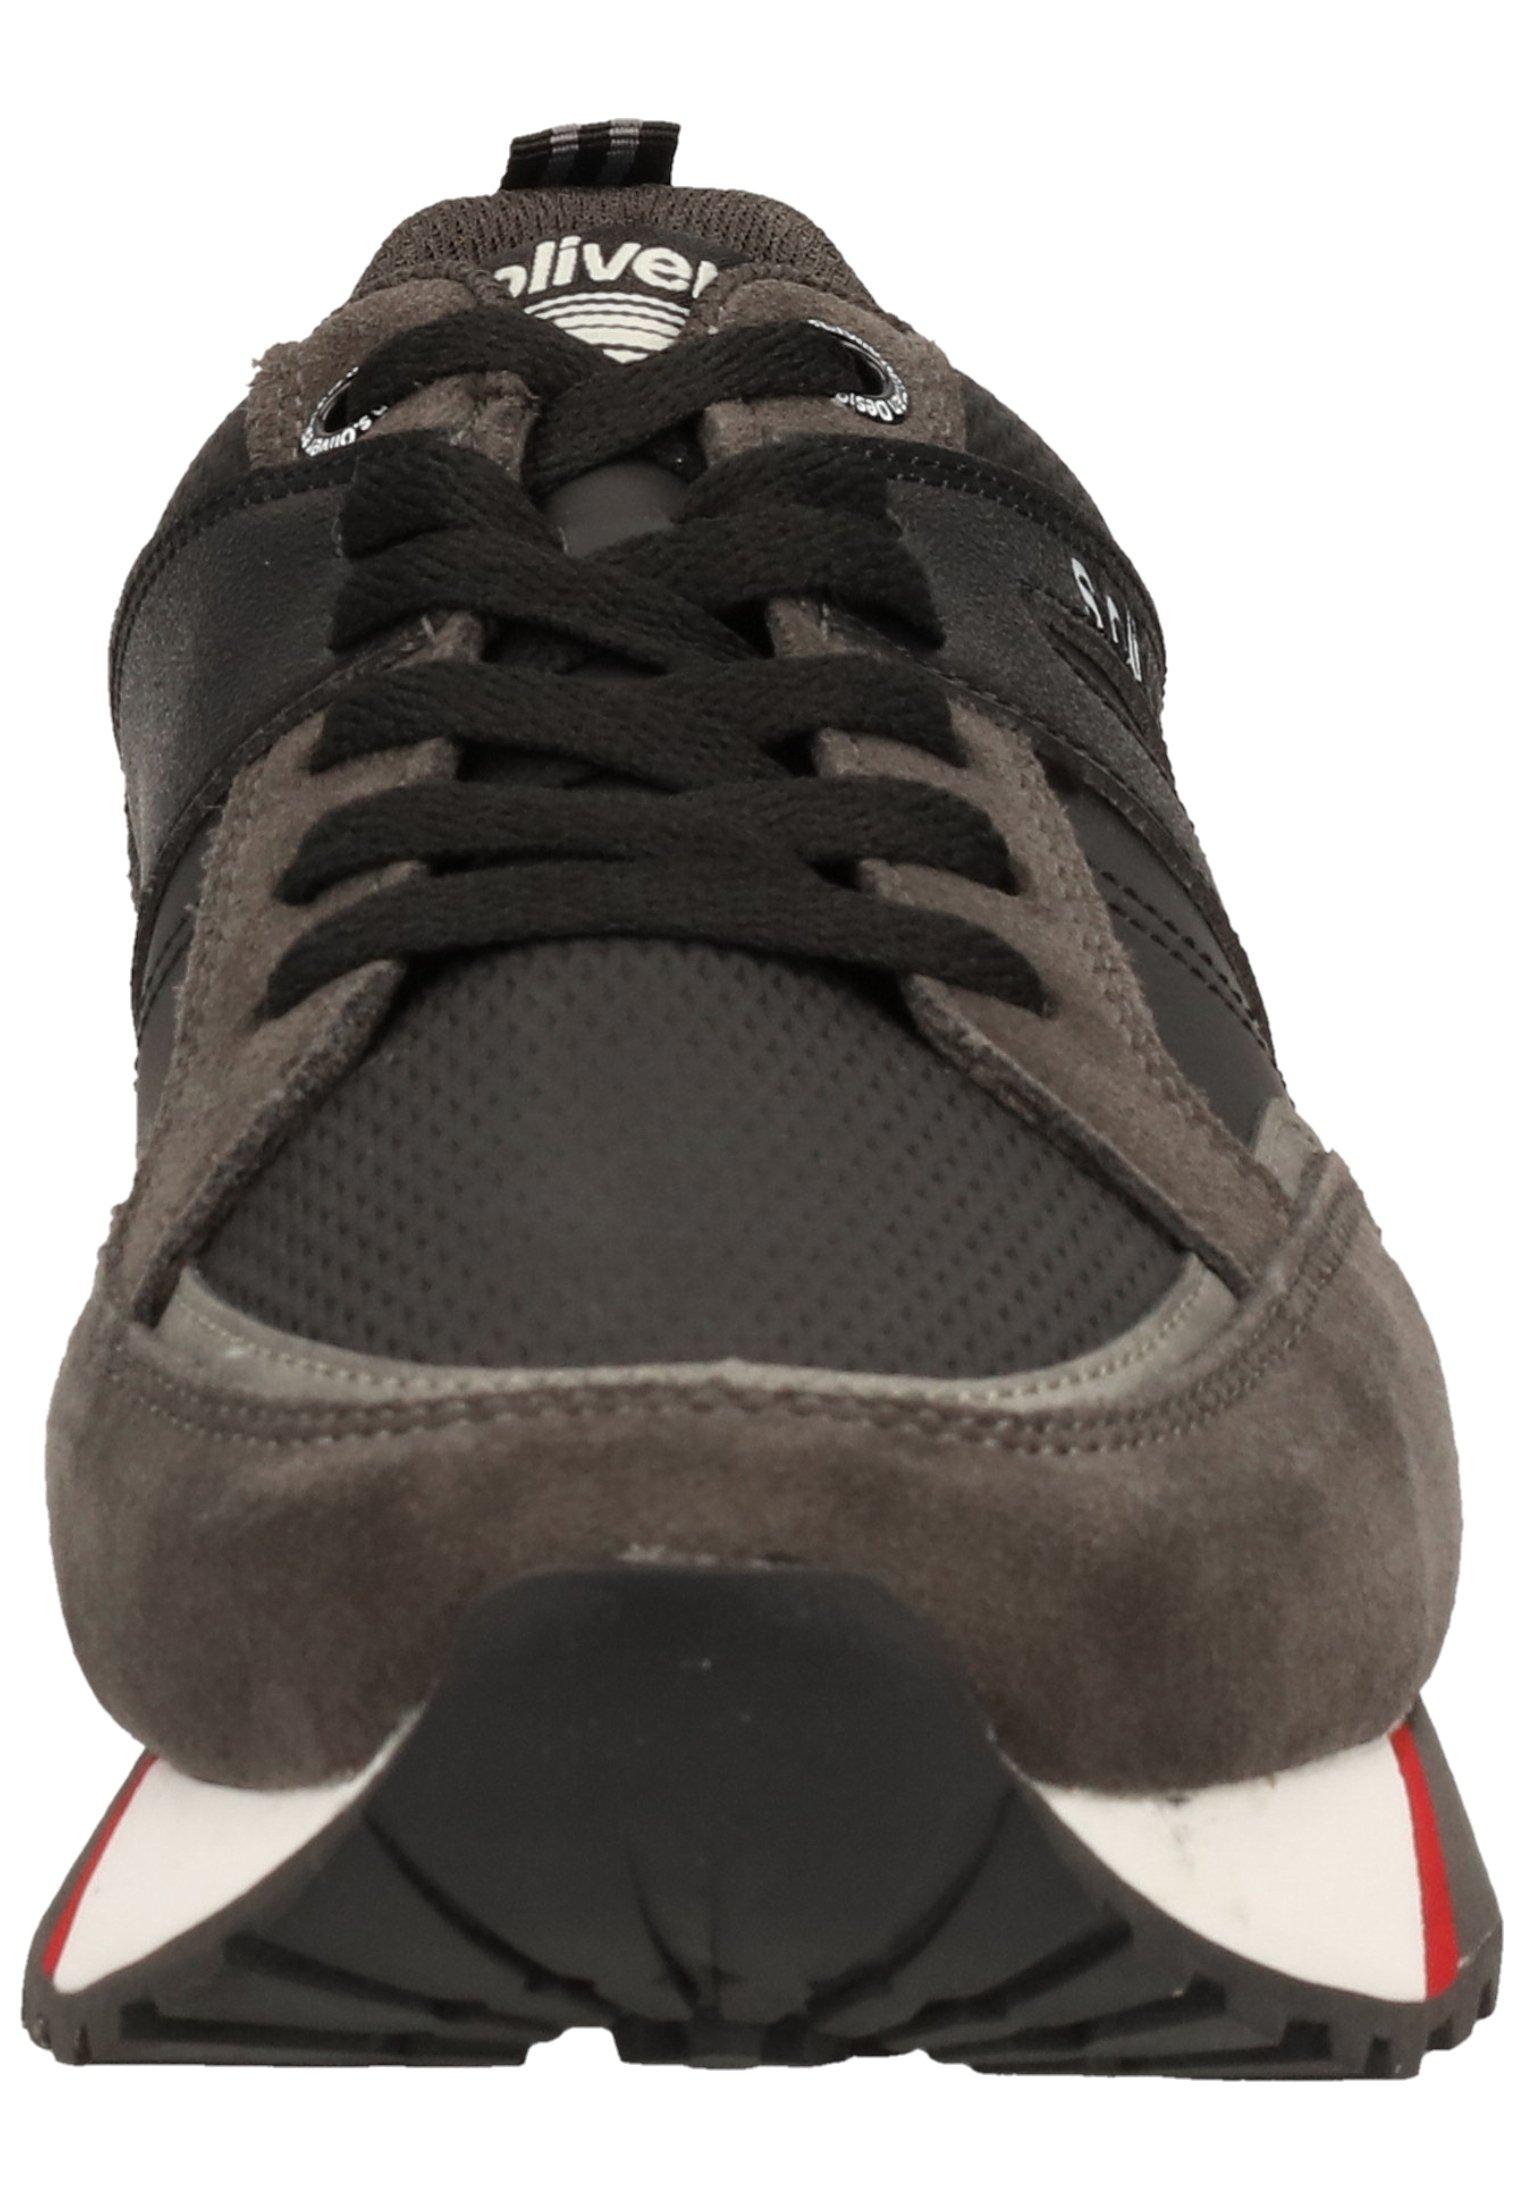 s.Oliver Sneaker low - black comb 98/schwarz - Herrenschuhe ABoT0